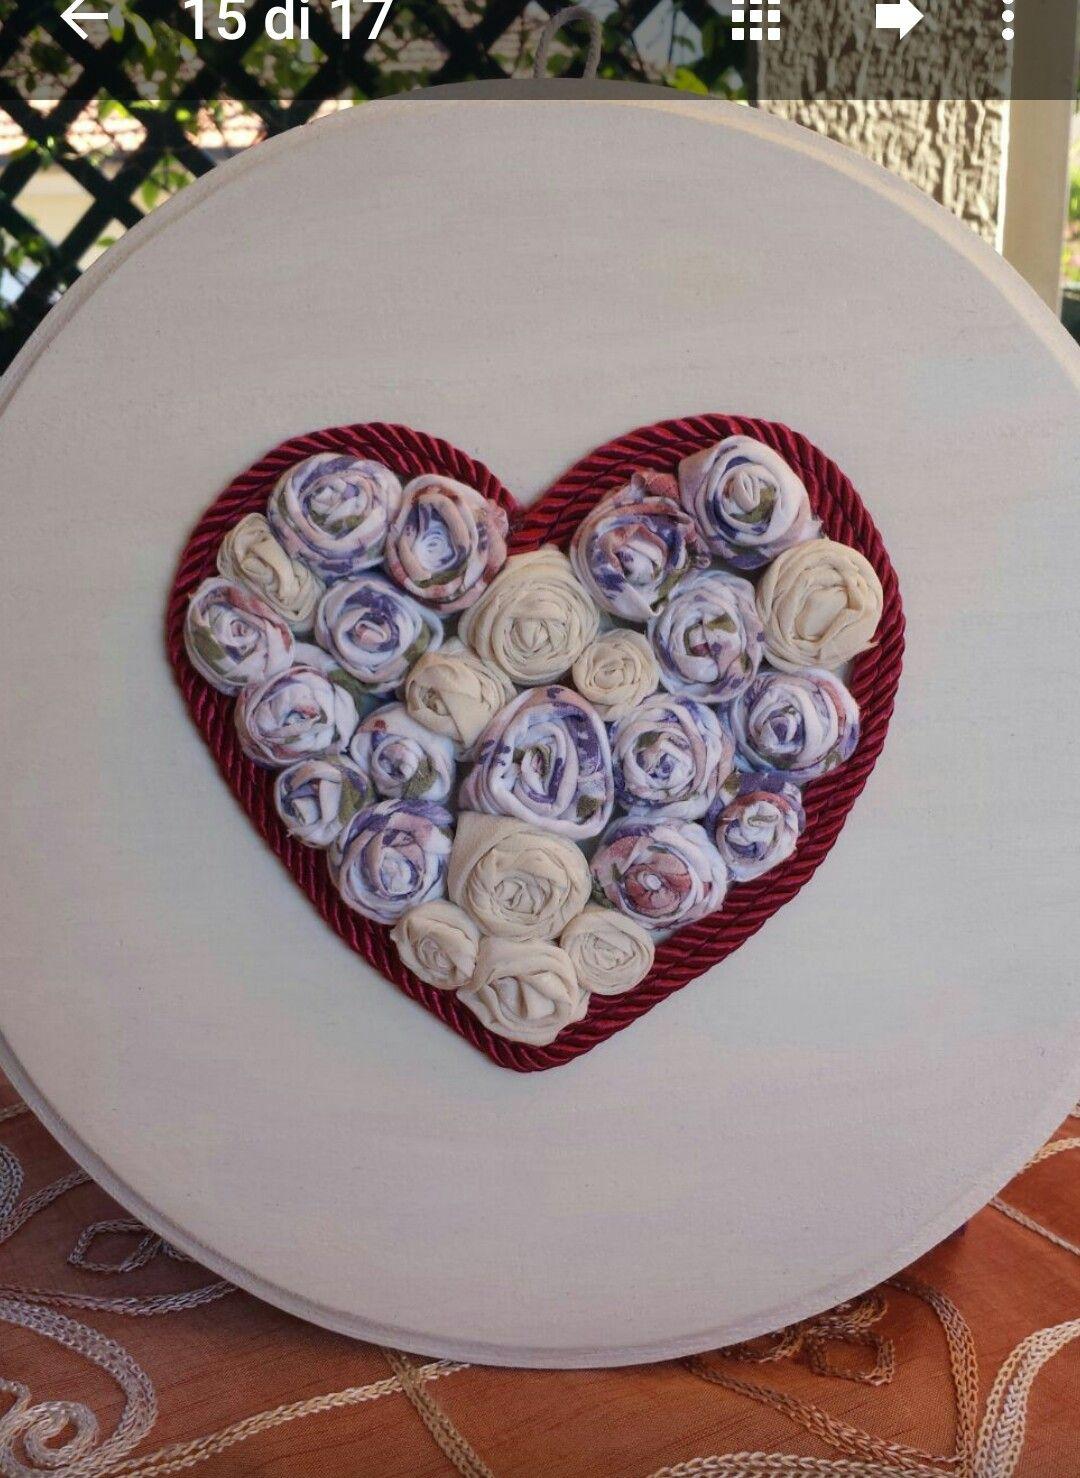 Cuore realizzato con roselline di stoffa, bordate di cordoncino By MANUcrea